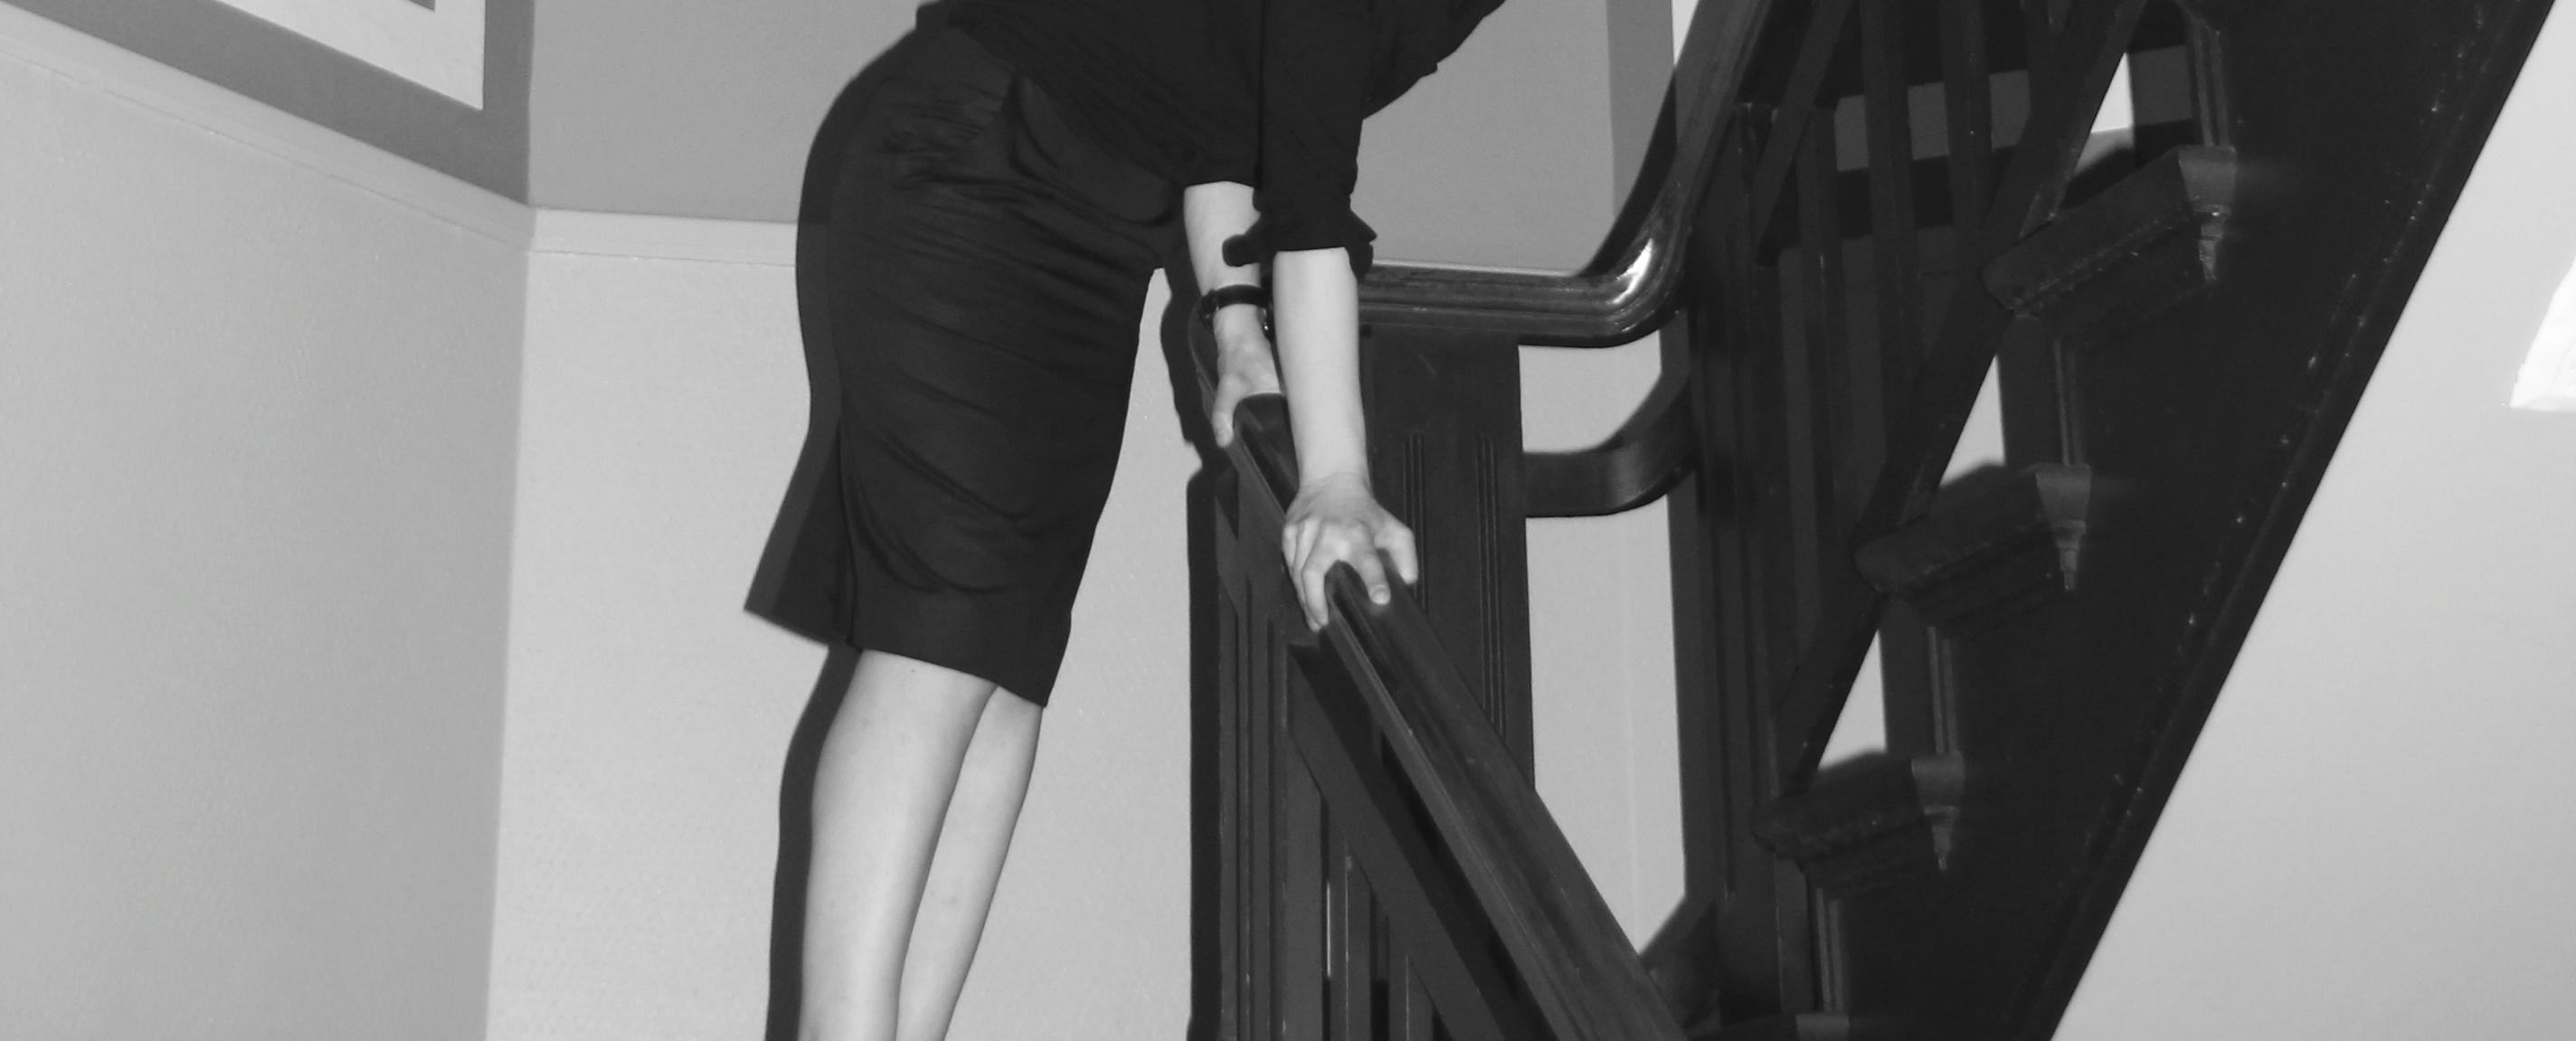 Ein Rock auf der Treppe